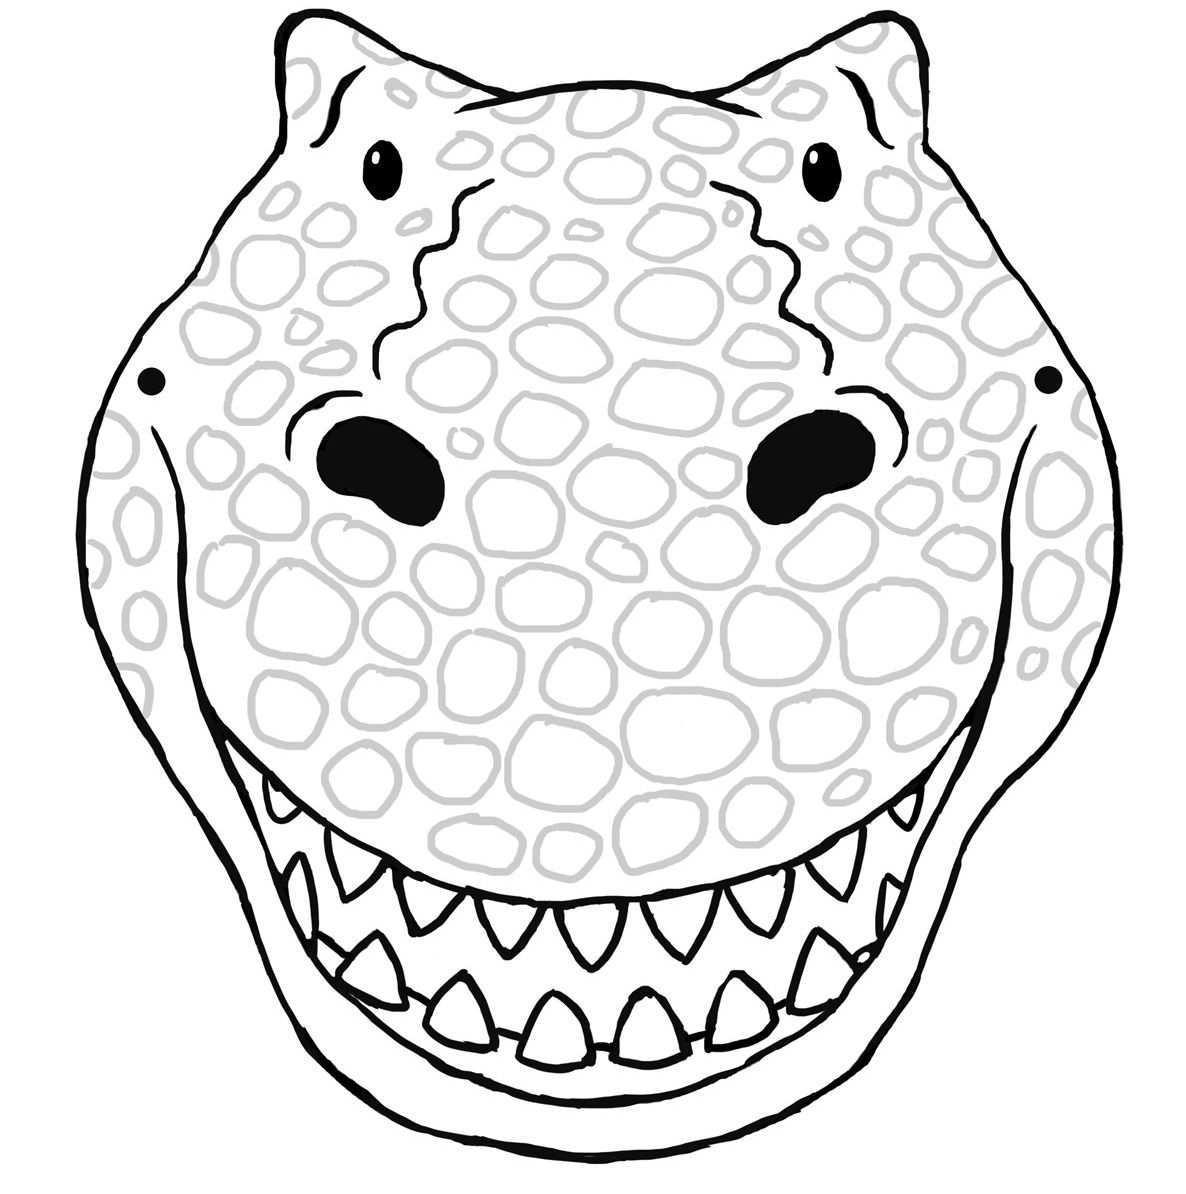 Activities T Rex Mask Http Www Take2theweb Com Pub Litton Ca Images New T Rex Mask Jpg Masken Basteln Faschingsmasken Vorlagen Masken Vorlage